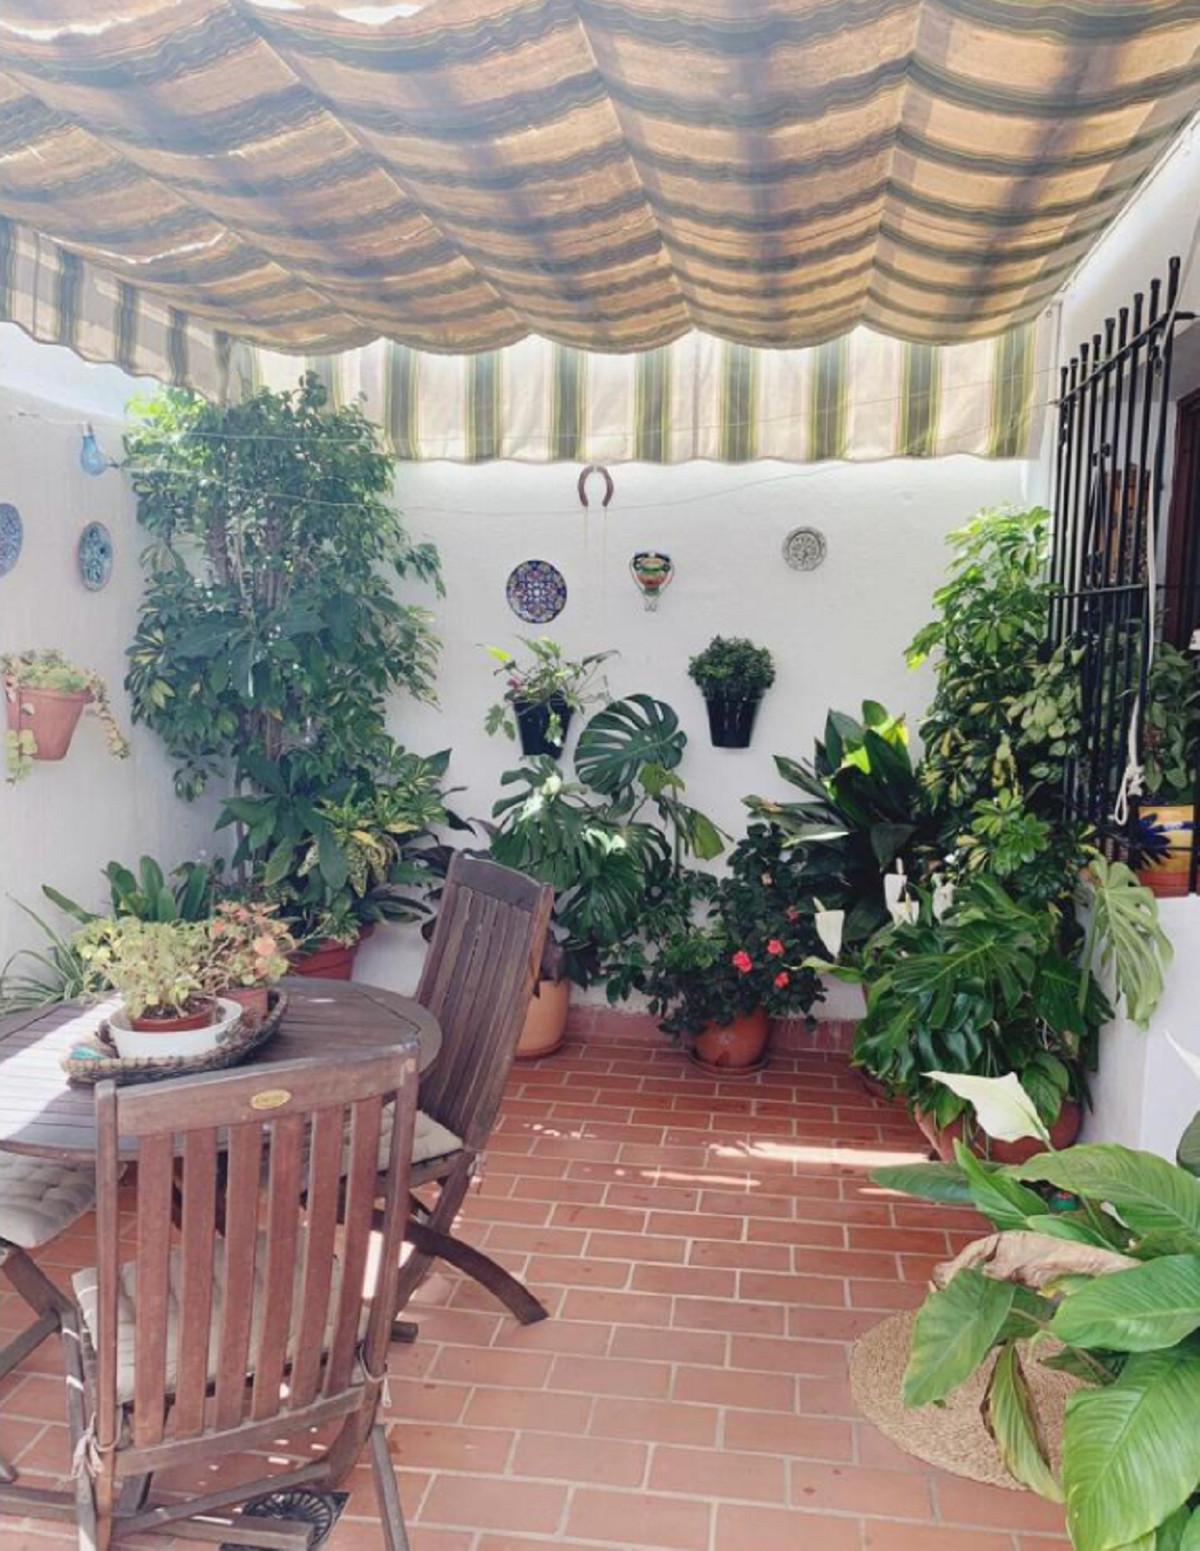 Unifamiliar  Adosada en venta   en Arroyo de la Miel